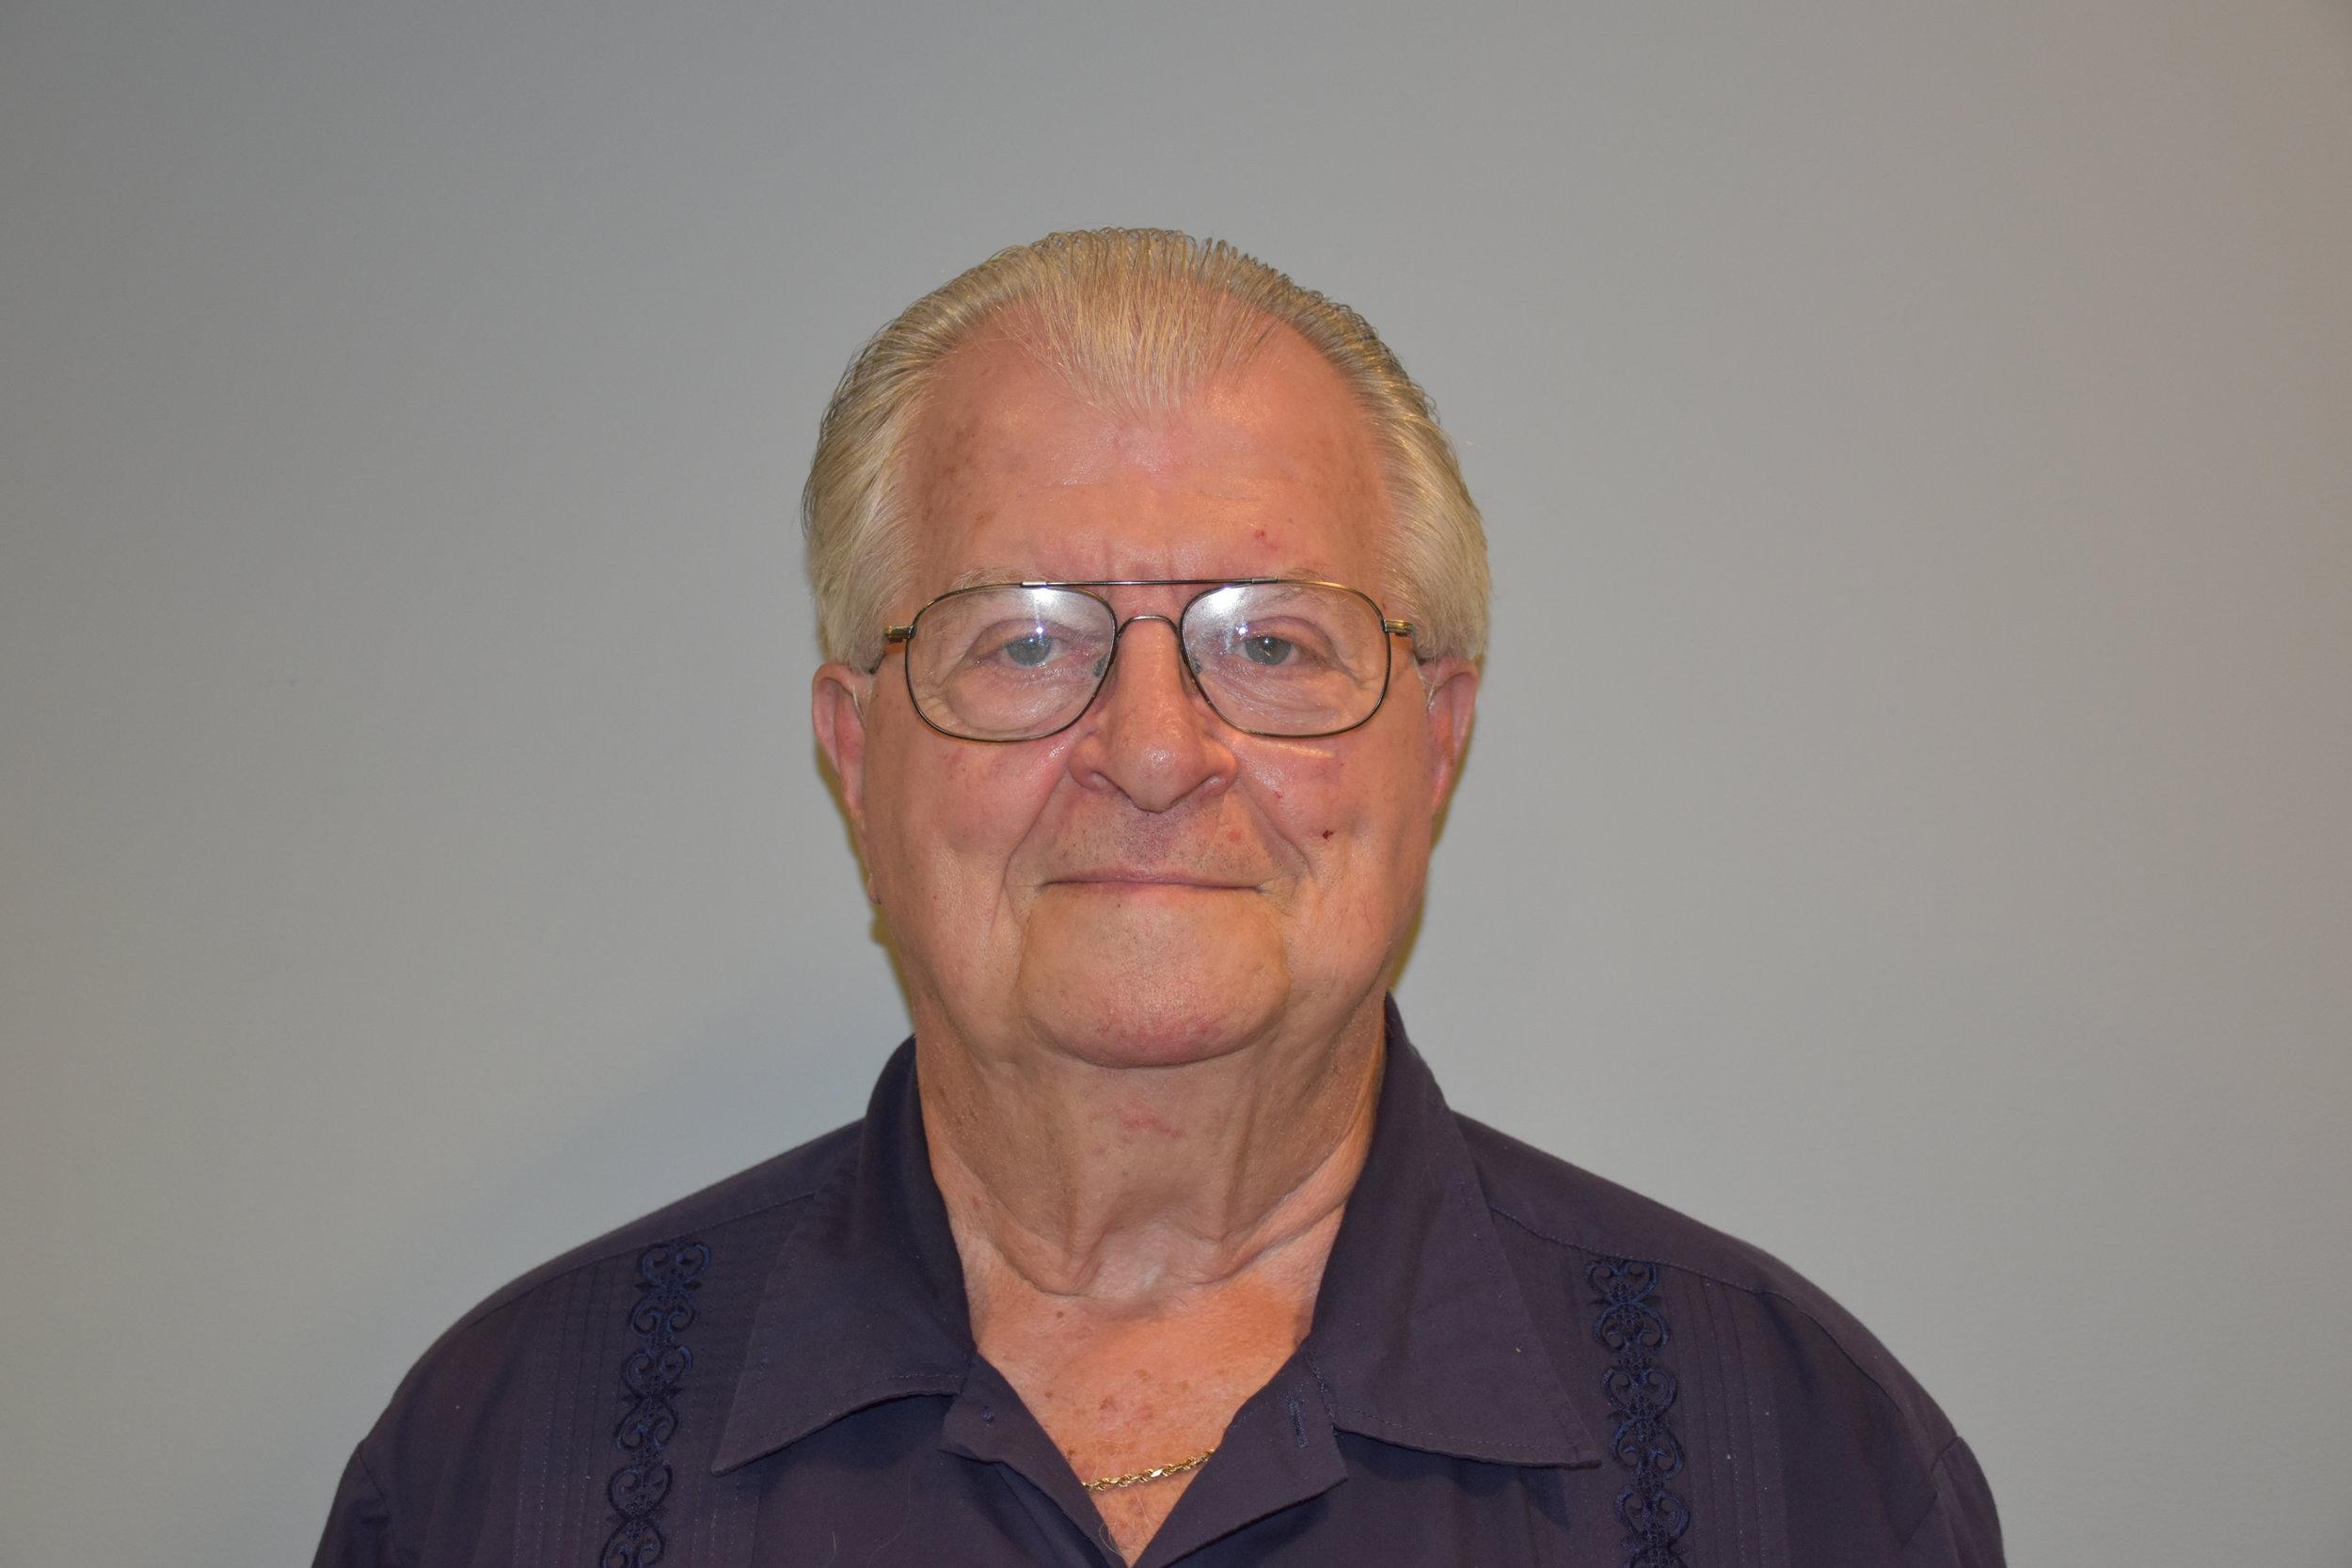 Paul Boyd